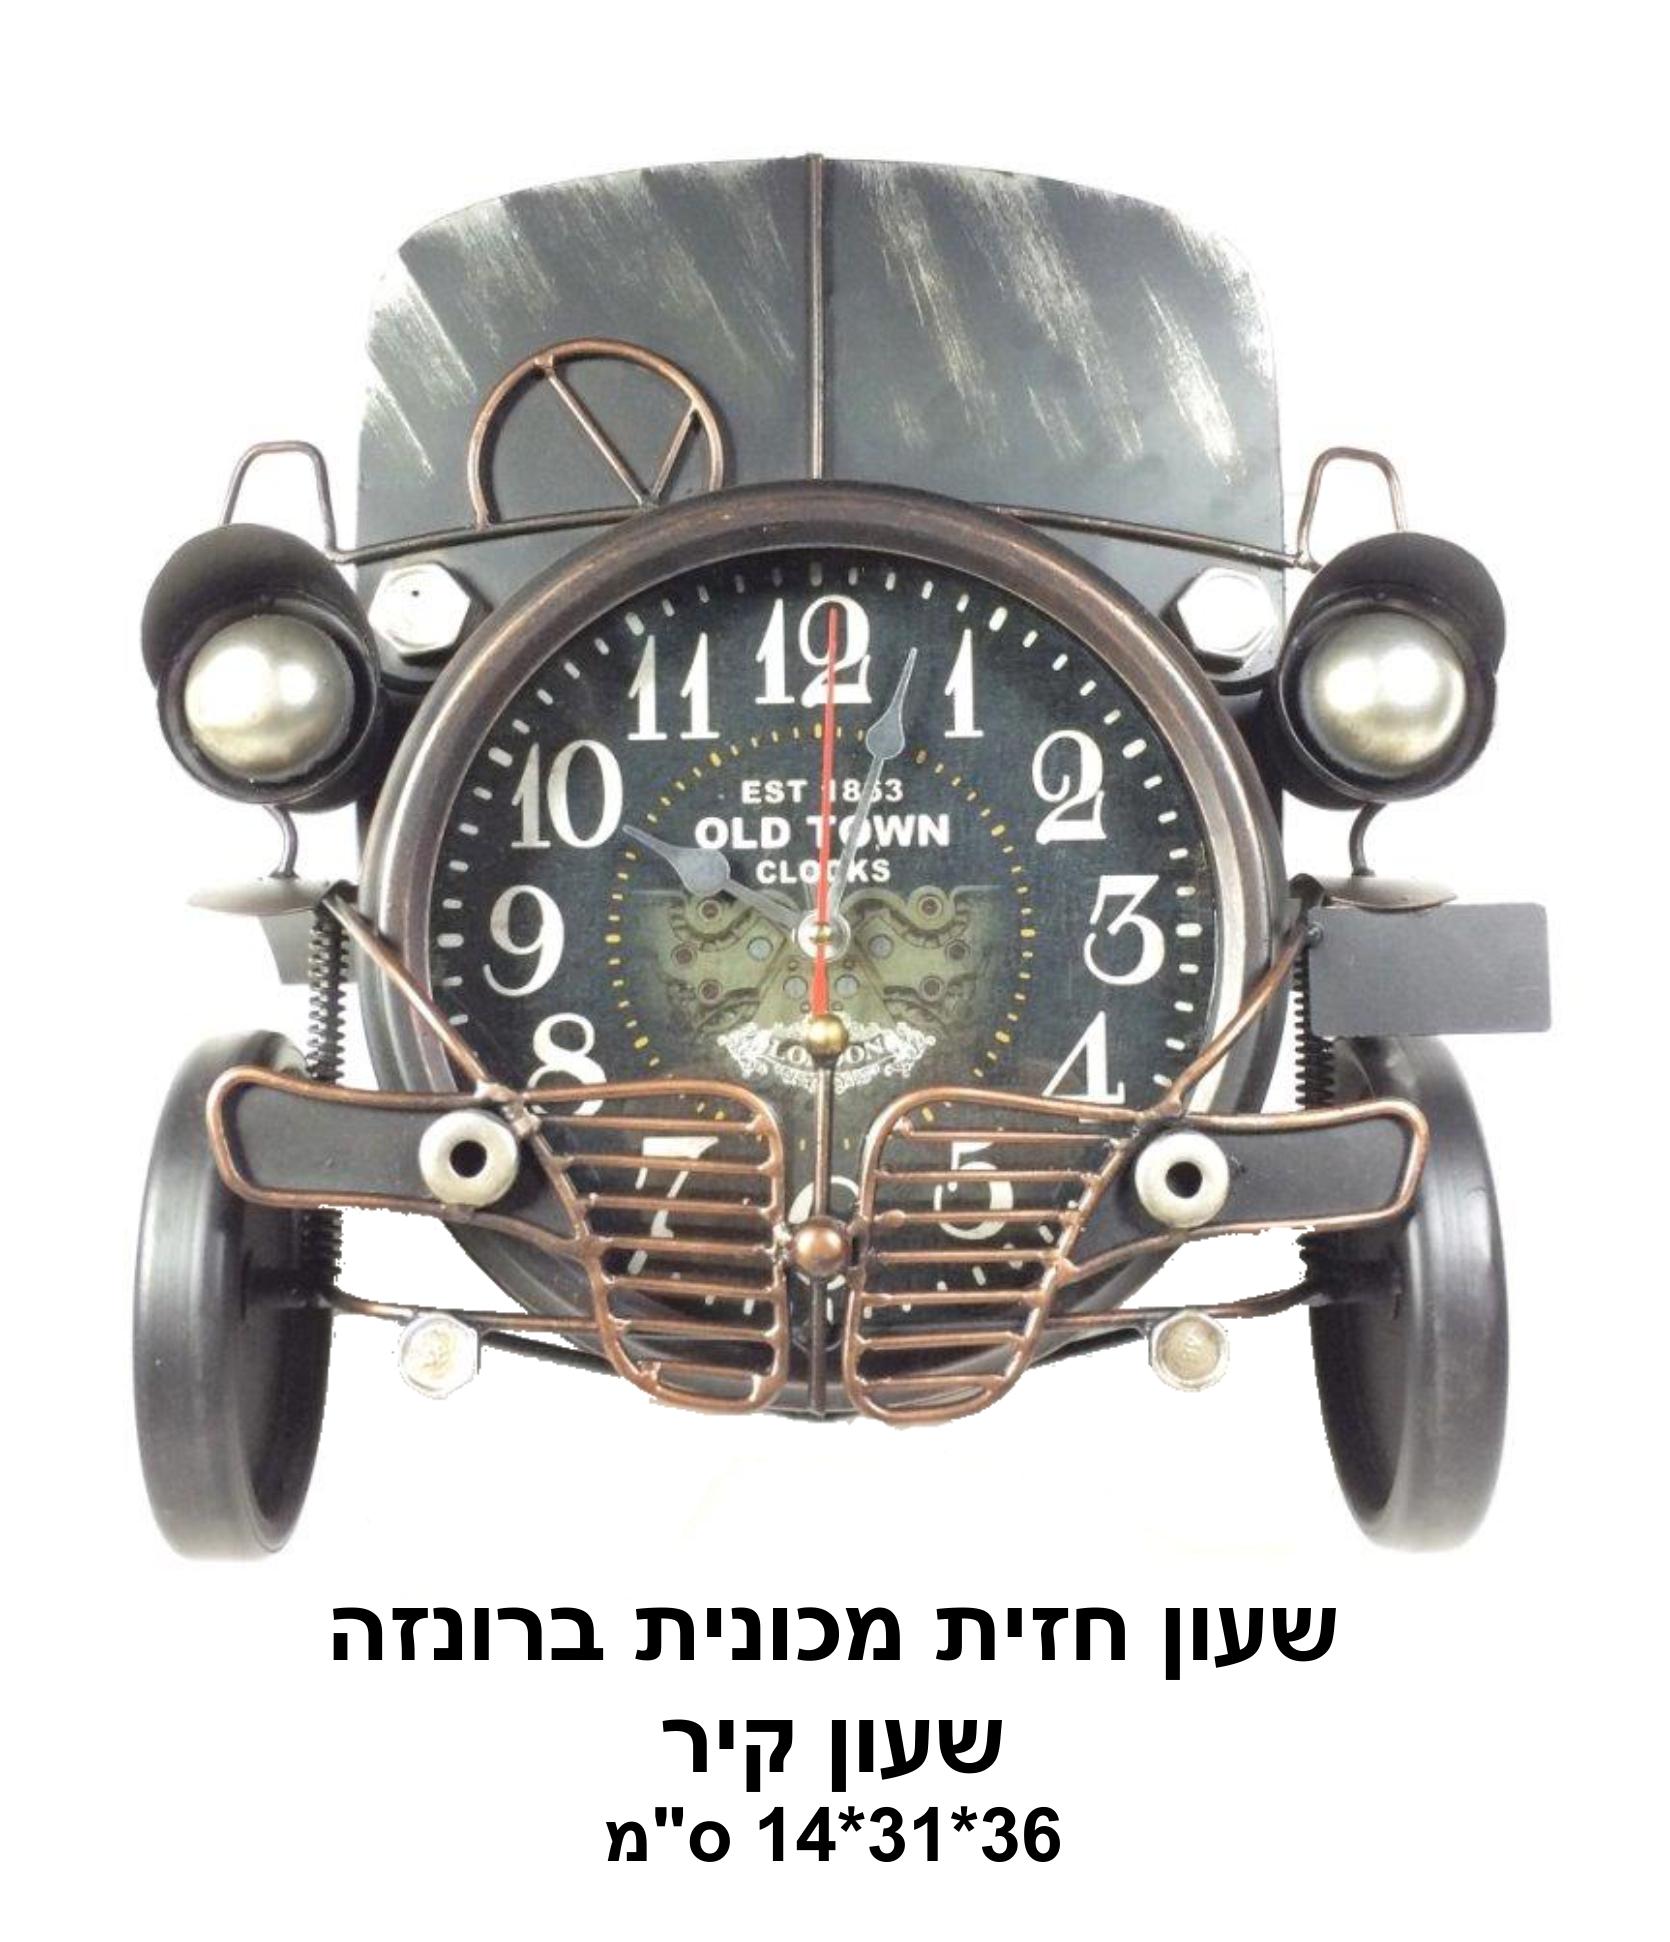 שעון חזית מכונית ענתיקה ברונזה